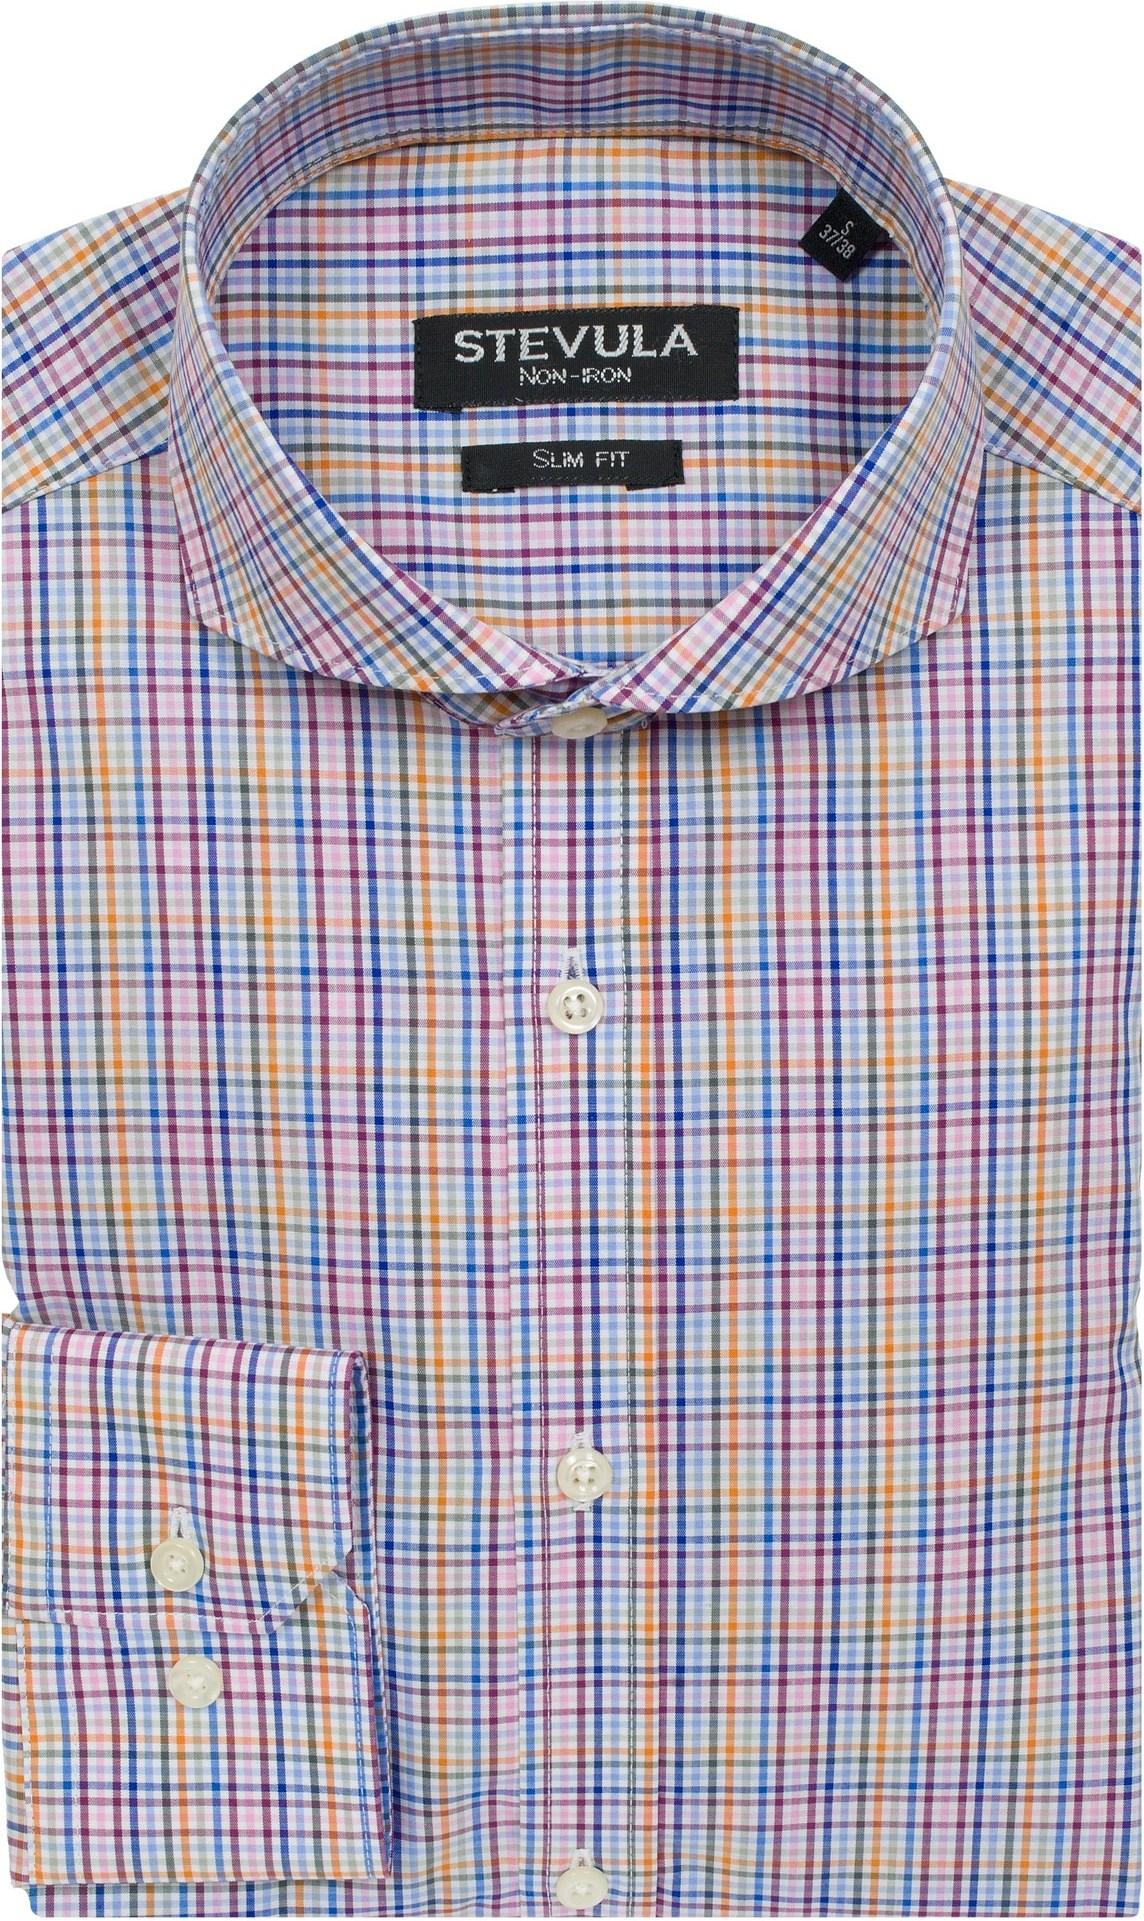 3c9bb20f4043 Stevula Farebná károvaná košeľa